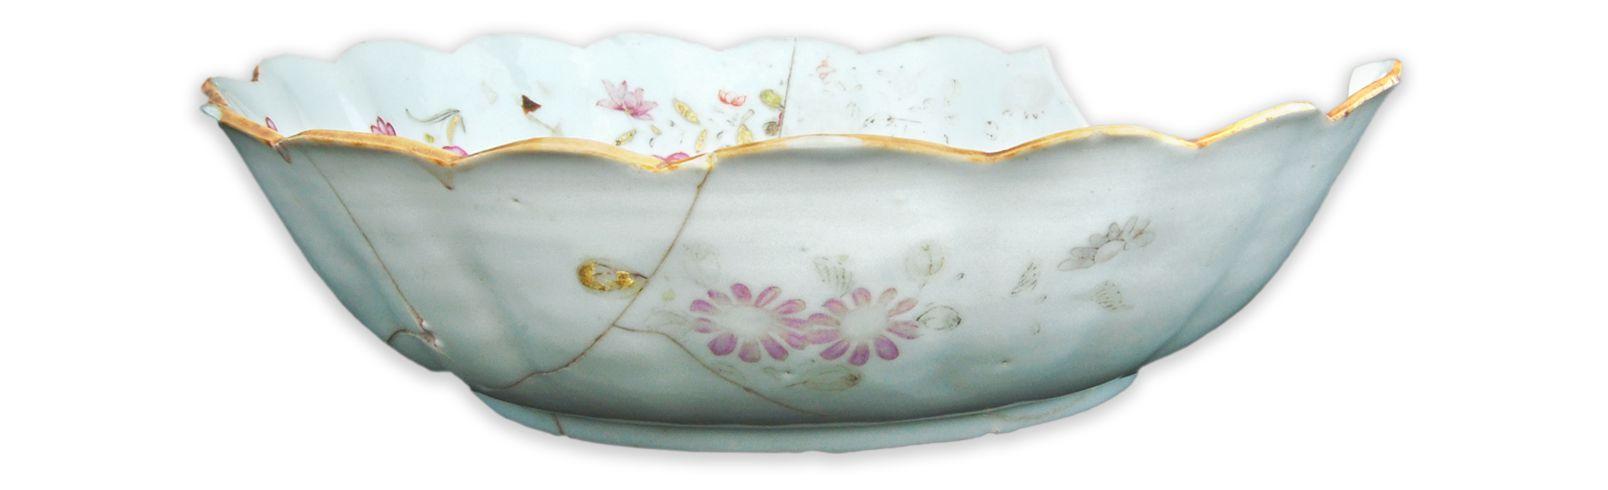 JatteMCC/LRAQ, photo: Aurélie DesgensLatrines de la maison Boisseau. Vers 1761-1810Porcelaine fine dure, Chine. Décor floral peint en émail polychrome. Le rebord porte un filet brun appelé «café au lait» rehaussé d'or.